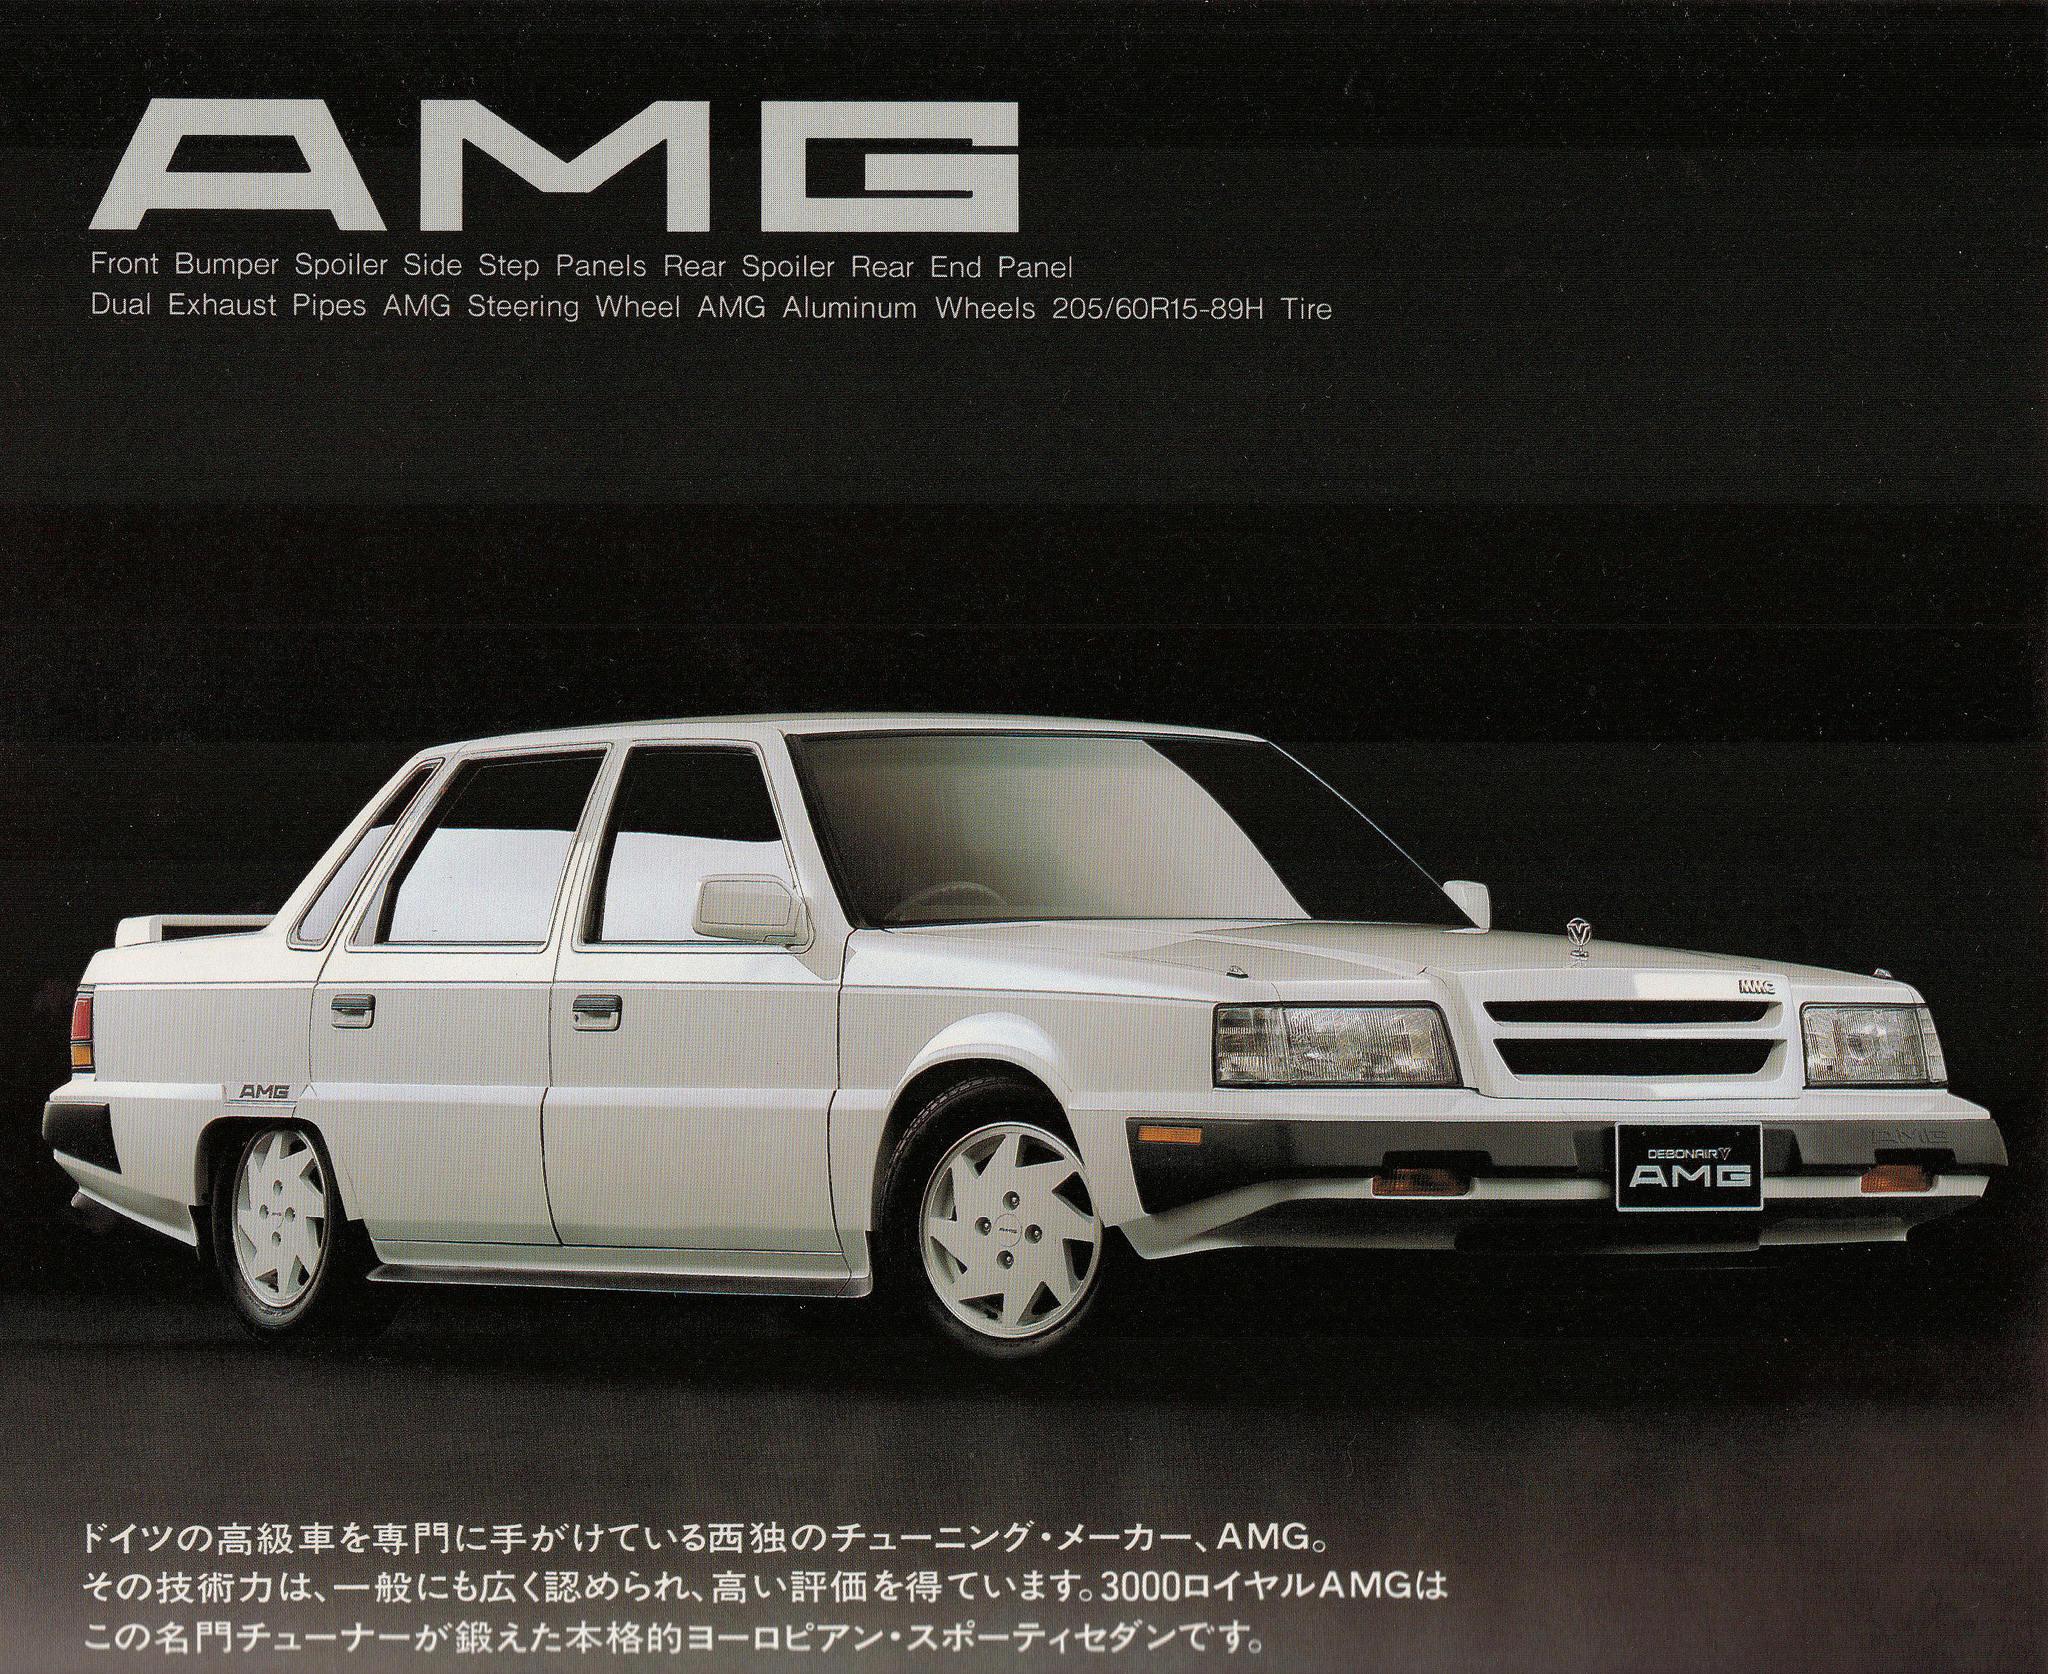 (AMG): E não só de Mercedes-Benz viveu a AMG... Fbed5910